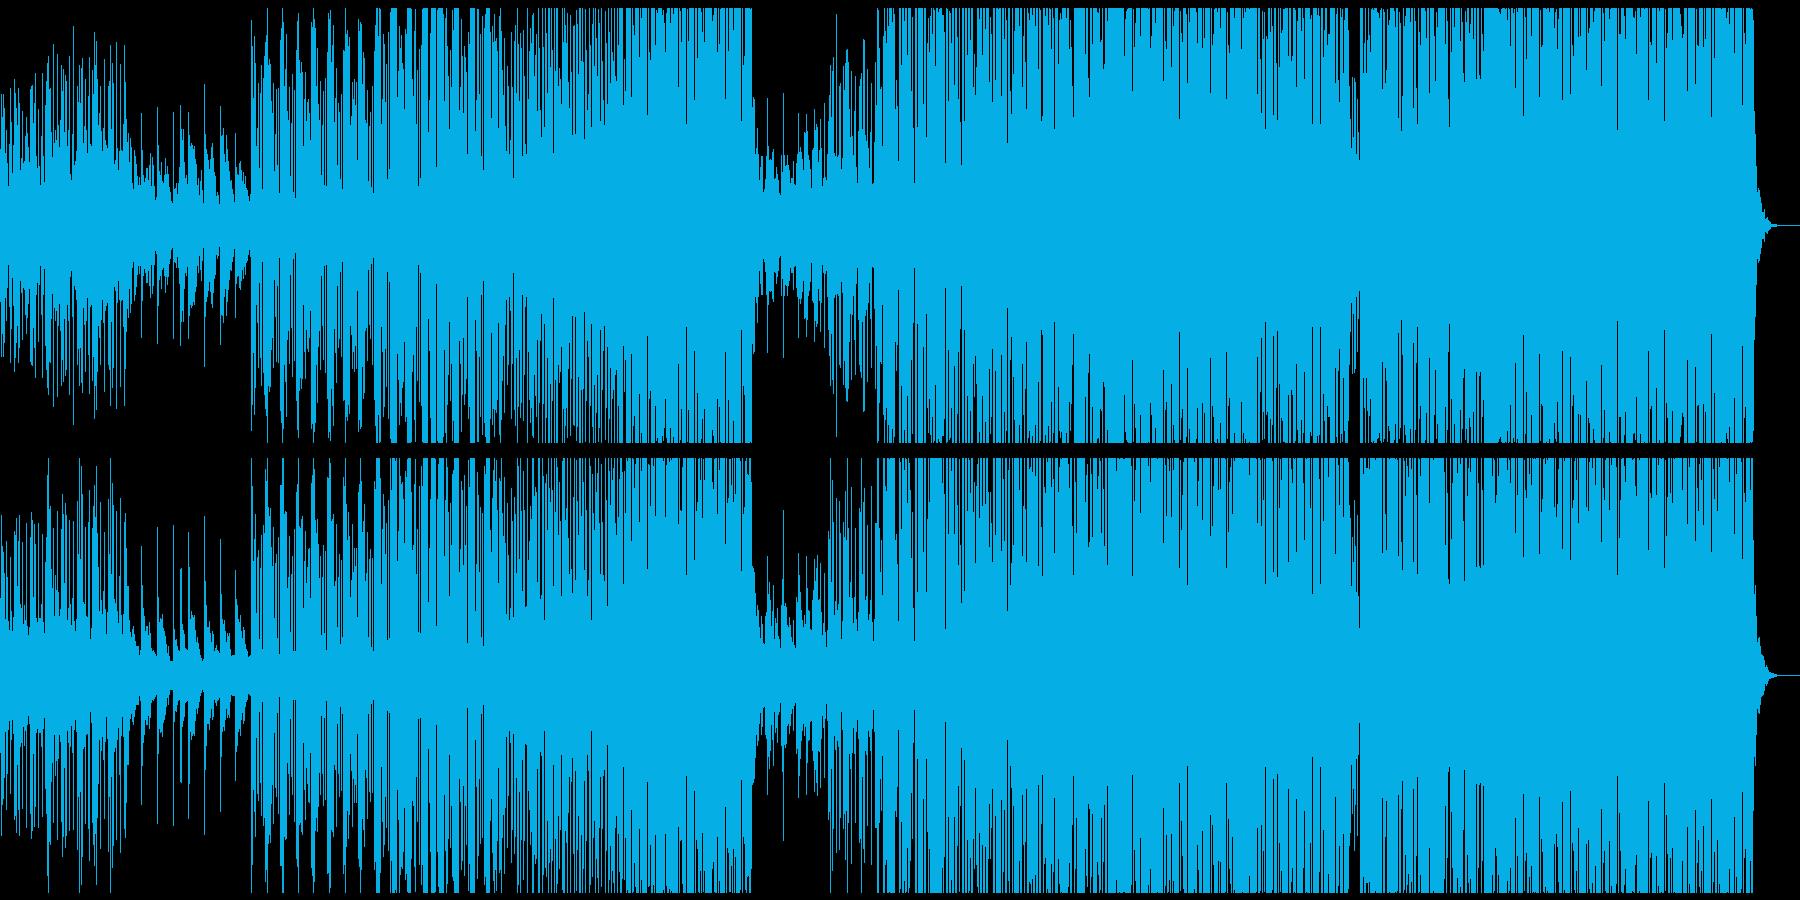 クール、トロピカルハウス、洋楽テイストの再生済みの波形